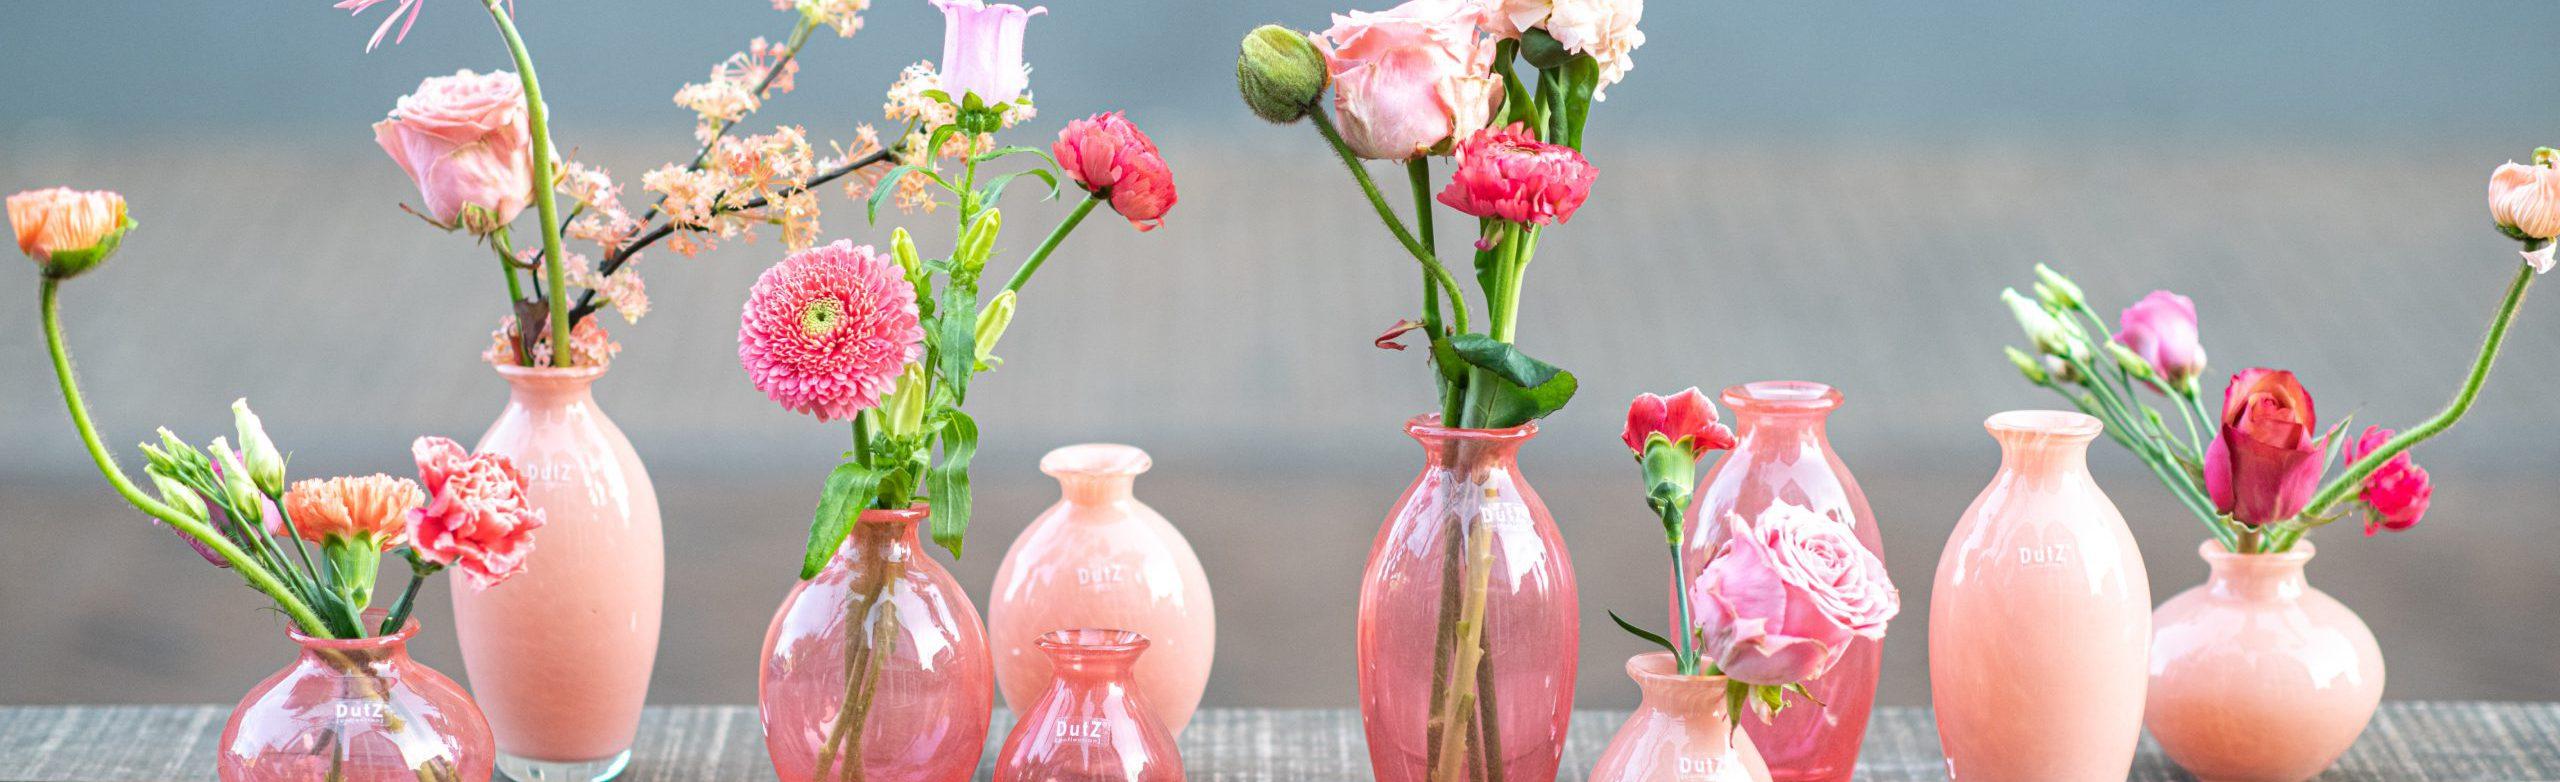 DutZ vaasjes uit de serie Nadiel in verschillende roze tinten. Alle vaasjes zijn gevuld met roze bloemen. De vaasjes staan op een rij naast elkaar op een tafel